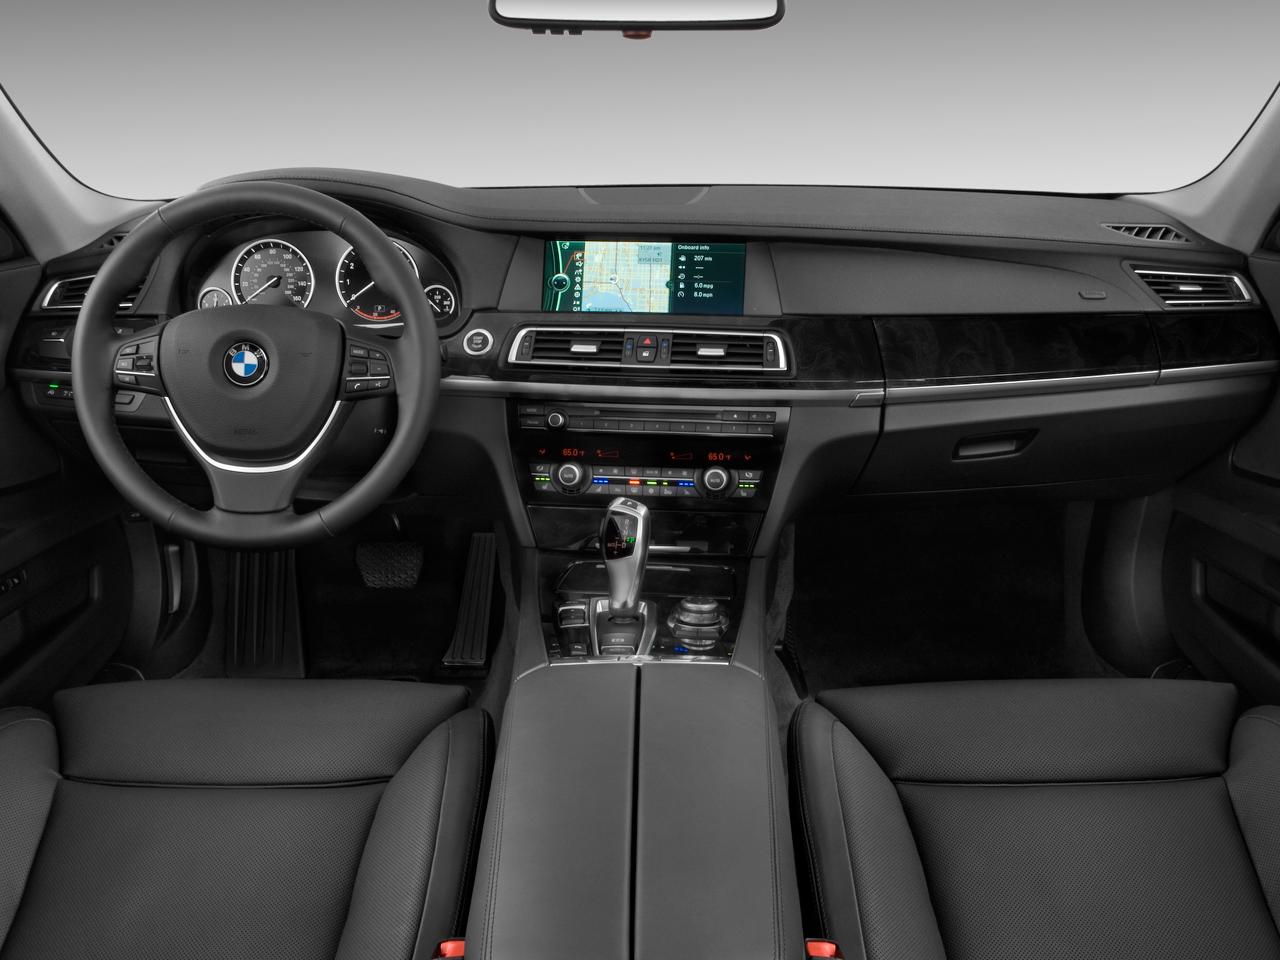 2009 BMW 750i